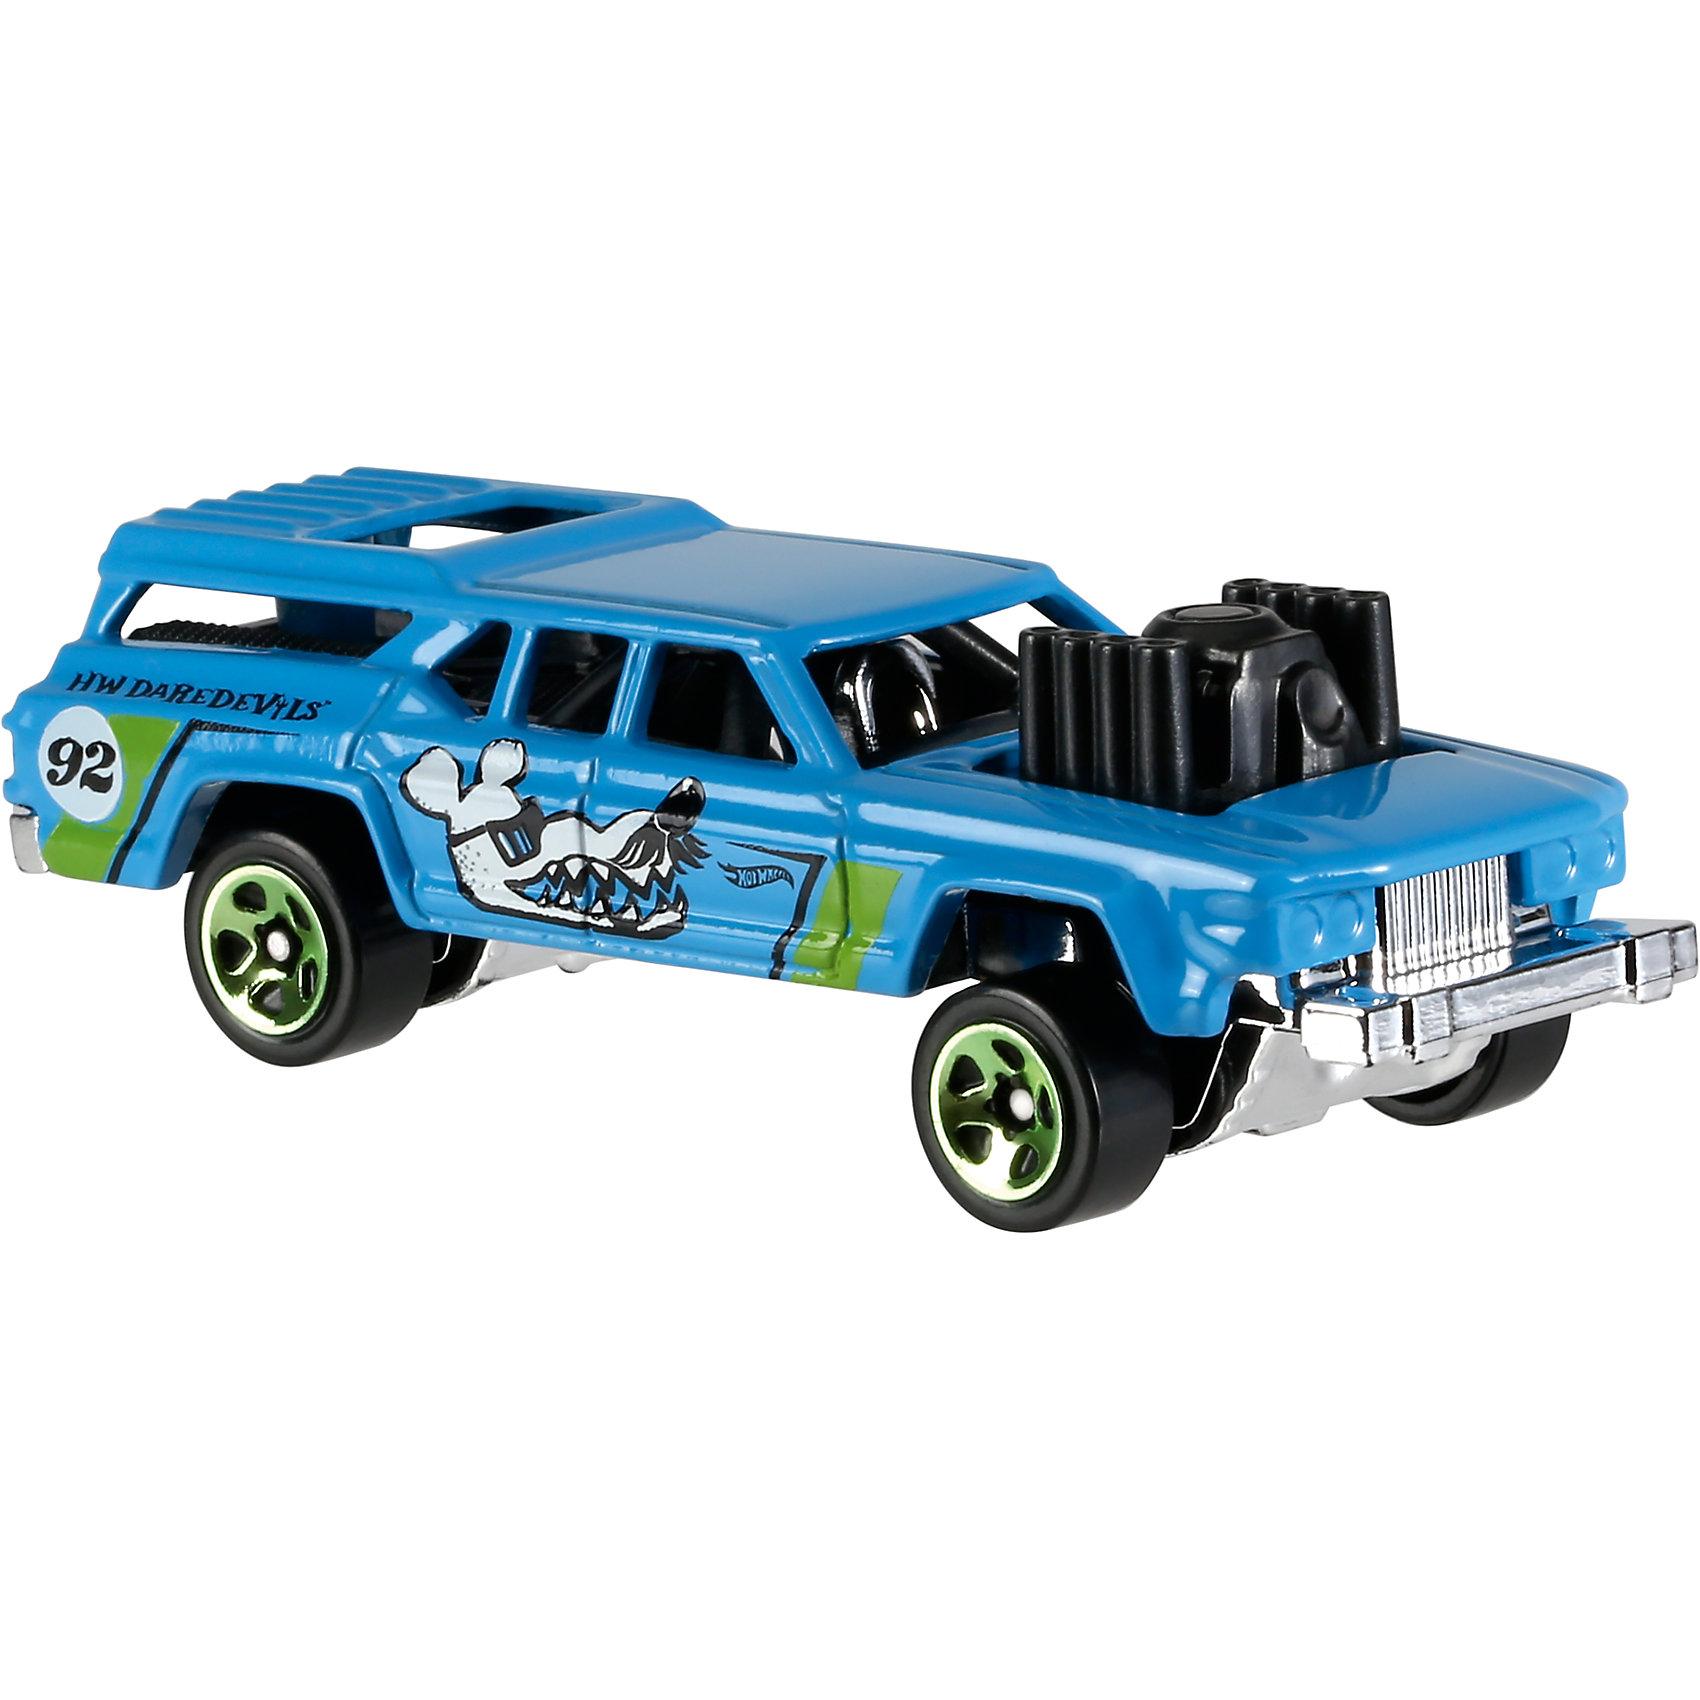 Базовая машинка Hot Wheels, Cruise BruiserПопулярные игрушки<br><br><br>Ширина мм: 110<br>Глубина мм: 45<br>Высота мм: 110<br>Вес г: 30<br>Возраст от месяцев: 36<br>Возраст до месяцев: 96<br>Пол: Мужской<br>Возраст: Детский<br>SKU: 7111094